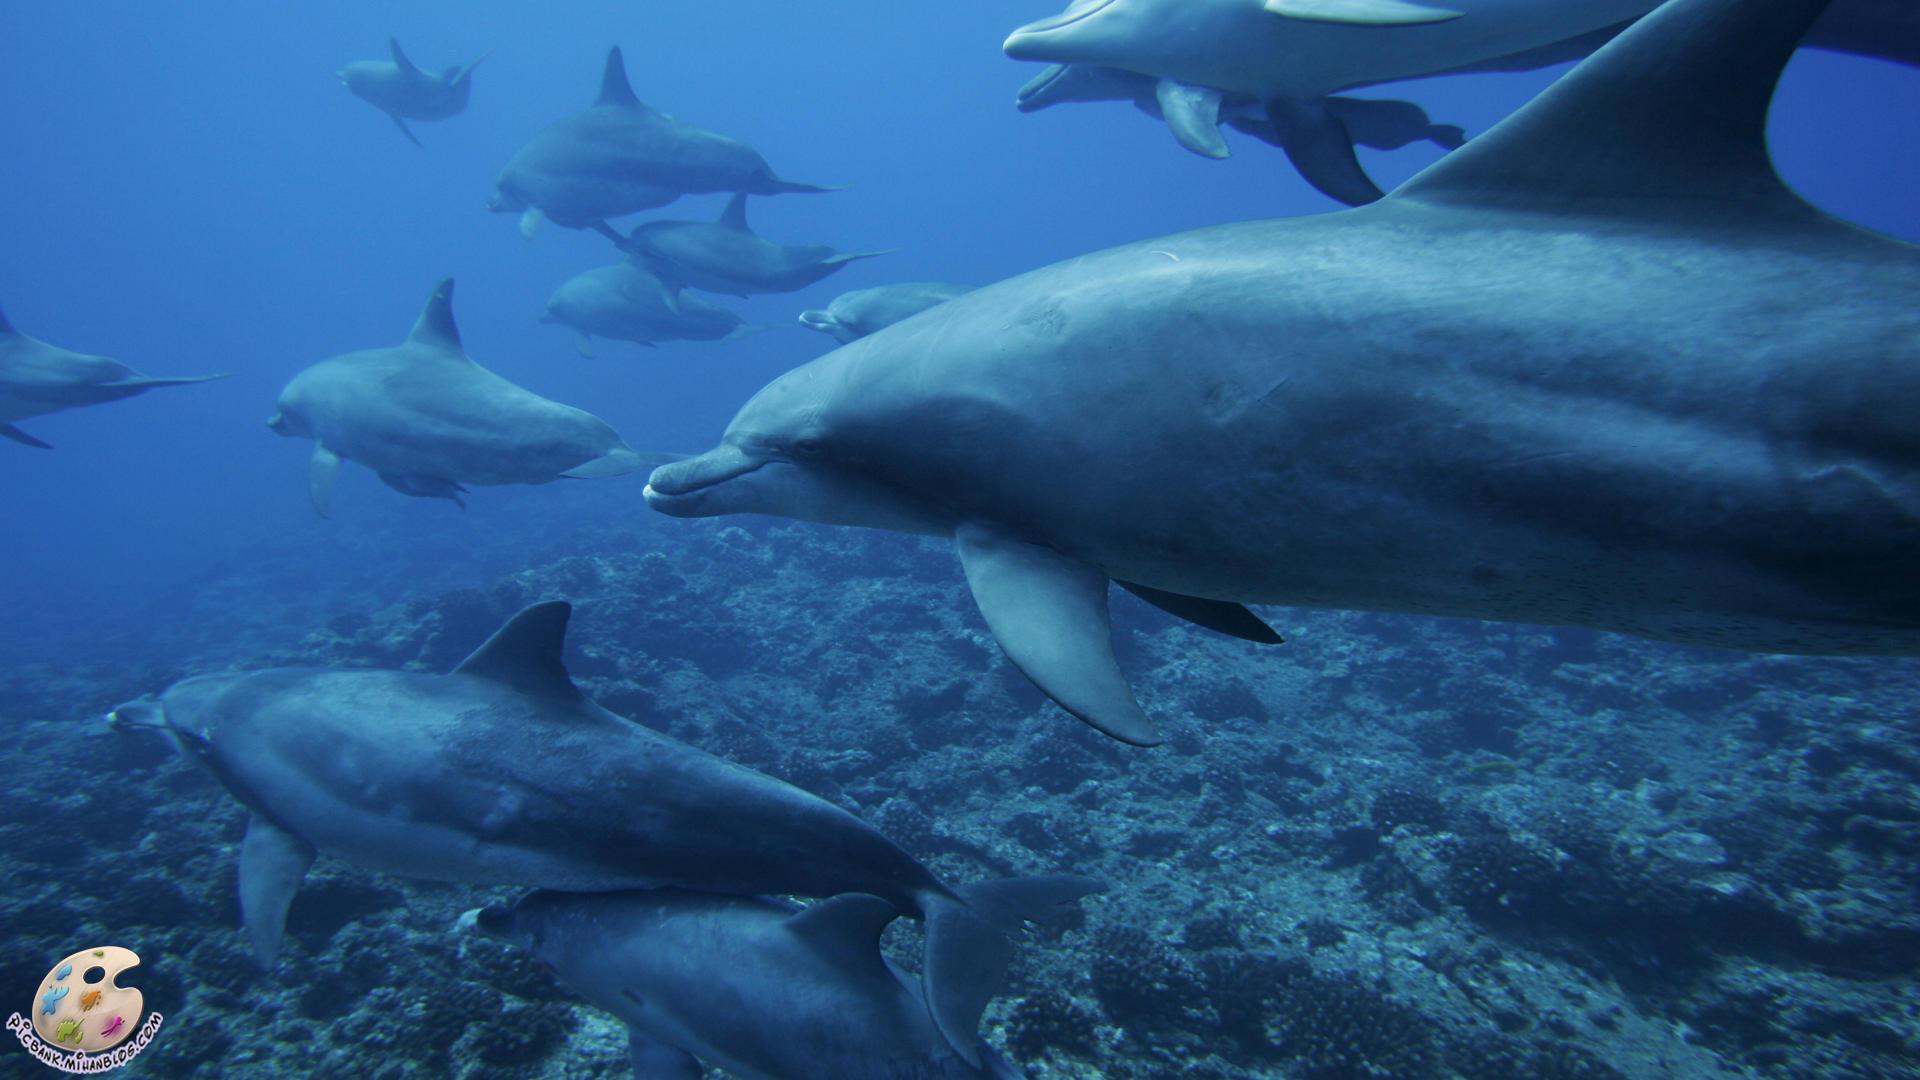 دلفین ، عکس دلفین ، عکسهای دلفین ، انواع دلفین ، دلفینها ، عکس دلفینها ، عکسهای دلفینها ، انواع دلفینها ، تحقیق روی دلفین ، تحقیق روی دلفینها ، تحقیقات روی دلفینها ، تحقیقات روی دلفین ، حفاظت از دلفینها ، عکس ، عکس زیبا ، عکسهای زیبا ، عکسها ، والپیپر ، والپیپر زیبا ، والپیپرهای زیبا ، والپیپرها ، عکس باکیفیت ، عکس با کیفیت ، عکسهای با کیفیت ، عکسهای باکیفیت ، HD ، عکس HD ، عکسهای HD ، والپیپر HD ، والپیپرهای HD ، والپیپر با کیفیت ، والپیپر باکیفیت ، والپیپرهای باکیفیت ، والپیپرهای با کیفیت ، عکس با کیفیت بالا ، عکسهای با کیفیت بالا ، والپیپر با کیفیت بالا ، والپیپرهای با کیفیت بالا ، حیوان ، حیوانات ، جانور ، جانوران ، موجودات ، حیوانات دریایی ، دریایی ، جانوران دریایی ، جانداران ، موجودات دریایی ، جانداران دریایی ، تحقیقات ، تحقیقات دریایی ، تحقیقات جانواران ، تحقیقات جانداران ، تحقیقات موجودات ، تحقیقات گیاهان ، گیاهان دریایی ، تحقیقات جانوران دریایی ، تحقیقات حیوانات دریایی ، تحقیقات موجودات دریایی ، عکس حیوانات ، عکس جانوران ، عکس موجودات ، عکس جانداران ، عکس گیاهان ، عکس جانوران دریایی ، عکس جانداران دریایی ، عکس موجودات دریایی ، عکس حیوانات دریایی ، والپیپر حیوانات دریایی ، والپیپر جانوران دریایی ، والپیپر موجودات دریایی ، دریا ، دریاها ، اقیانوس ، اقیانوس ها ، اقیانوسها ، اقیانوس شناسی ، جانور شناسی ، جانور شناسی دریا ، زیست شناسی ، زیست شناسی دریا ، اکولوژی ، اکولوژی دریا ، اعماق دریا ، اعماق دریاها ، اعماق اقیانوس ، اعماق اقیانوسها ، بستر دریا ، بستر دریاها ، موجودات بستر زی ، موجودات بسترزی ، بستر اقیانوس ، بستر اقیانوسها ، بسترهای دریا ، بسترهای ماسه ای ، بسترهای اقیانوسها ، مرجان ، مرجانی ، صخره مرجانی ، صخره های مرجانی ، آبسنگ مرجانی ، آبسنگهای مرجانی ، ریف مرجانی ، ریفهای مرجانی ، موجودات مرجانی ، اجتماعات مرجانی ، اجتماع مرجانی ، زندگی اعماق دریا ، زندگی اعماق اقیانوس ، ماهی های صخره های مرجانی ، ماهی های ریفهای مرجانی ، ماهی ، ماهی ها ، ماهیها ، اجتماع ماهی ها ، اجتماعات ماهی ها ، پیک بانک ، نگارخانه ، والپیپر حیوانات ، والپیپر جانوران ، والپیپر موجودات ، والپیپر جانداران ، picbank ، picbank.com ، picbank.mihanblog.com ، pic bank ، مرجانها ، زیر دری